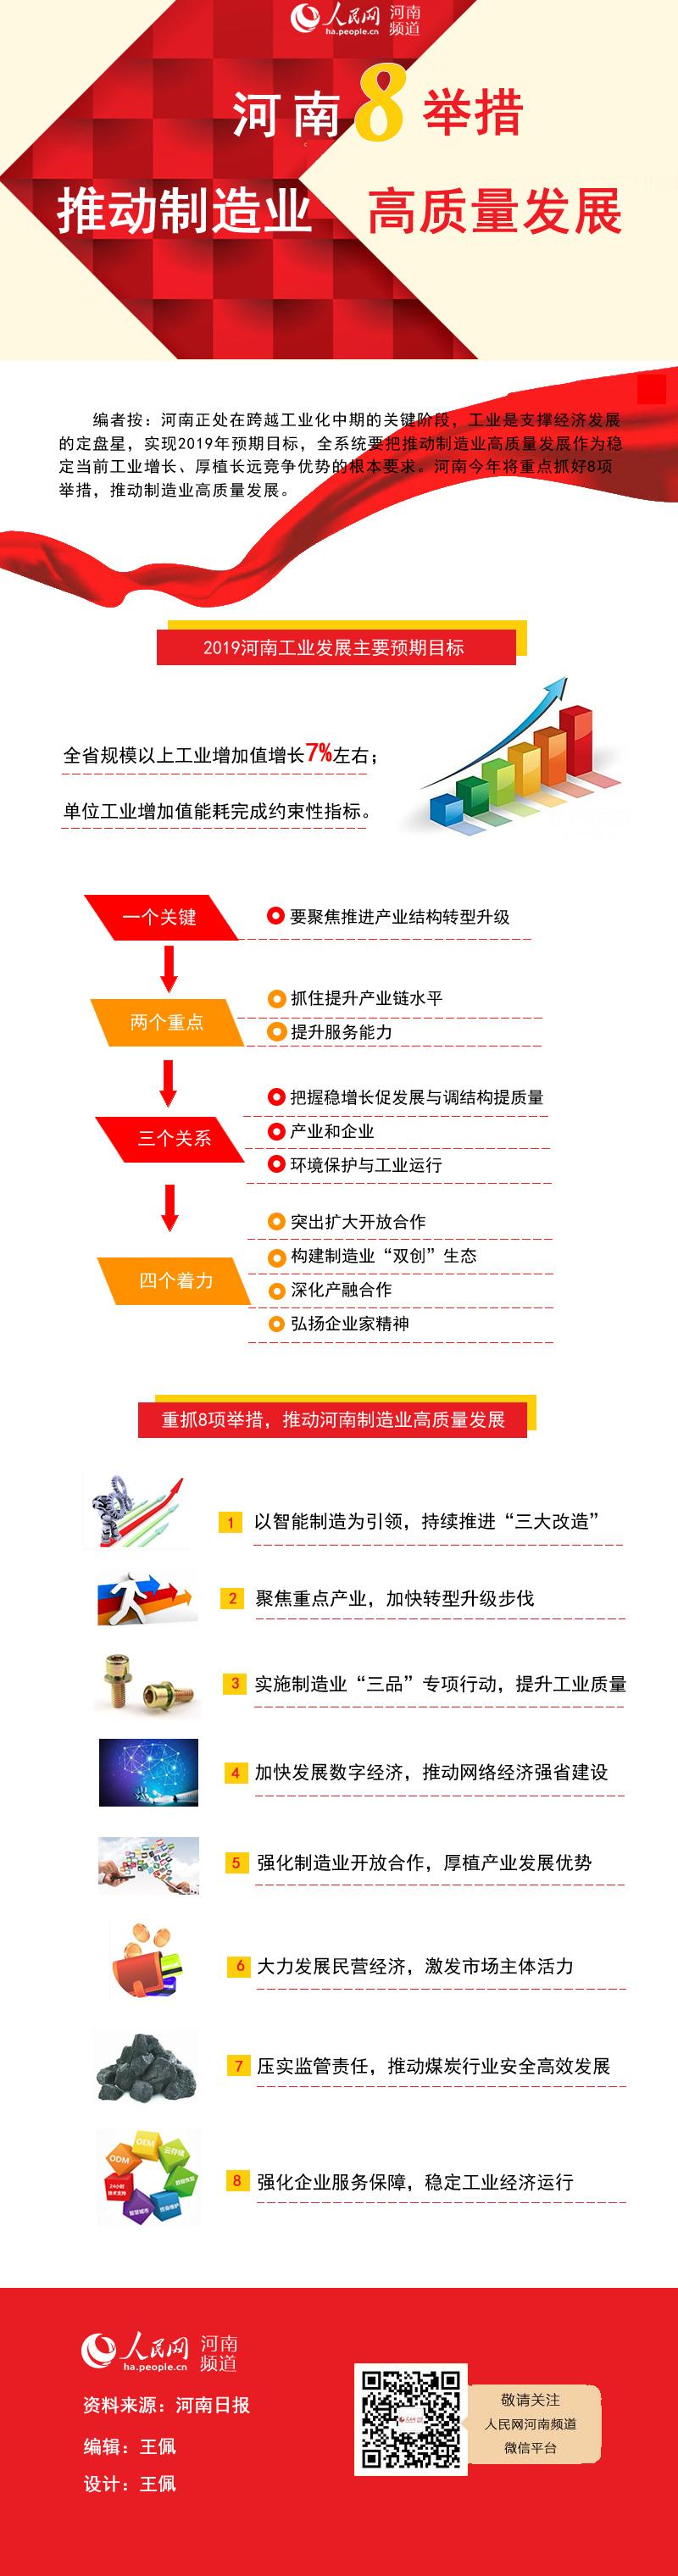 河南今年将重点抓好八大举措 推动制造业高质量发展